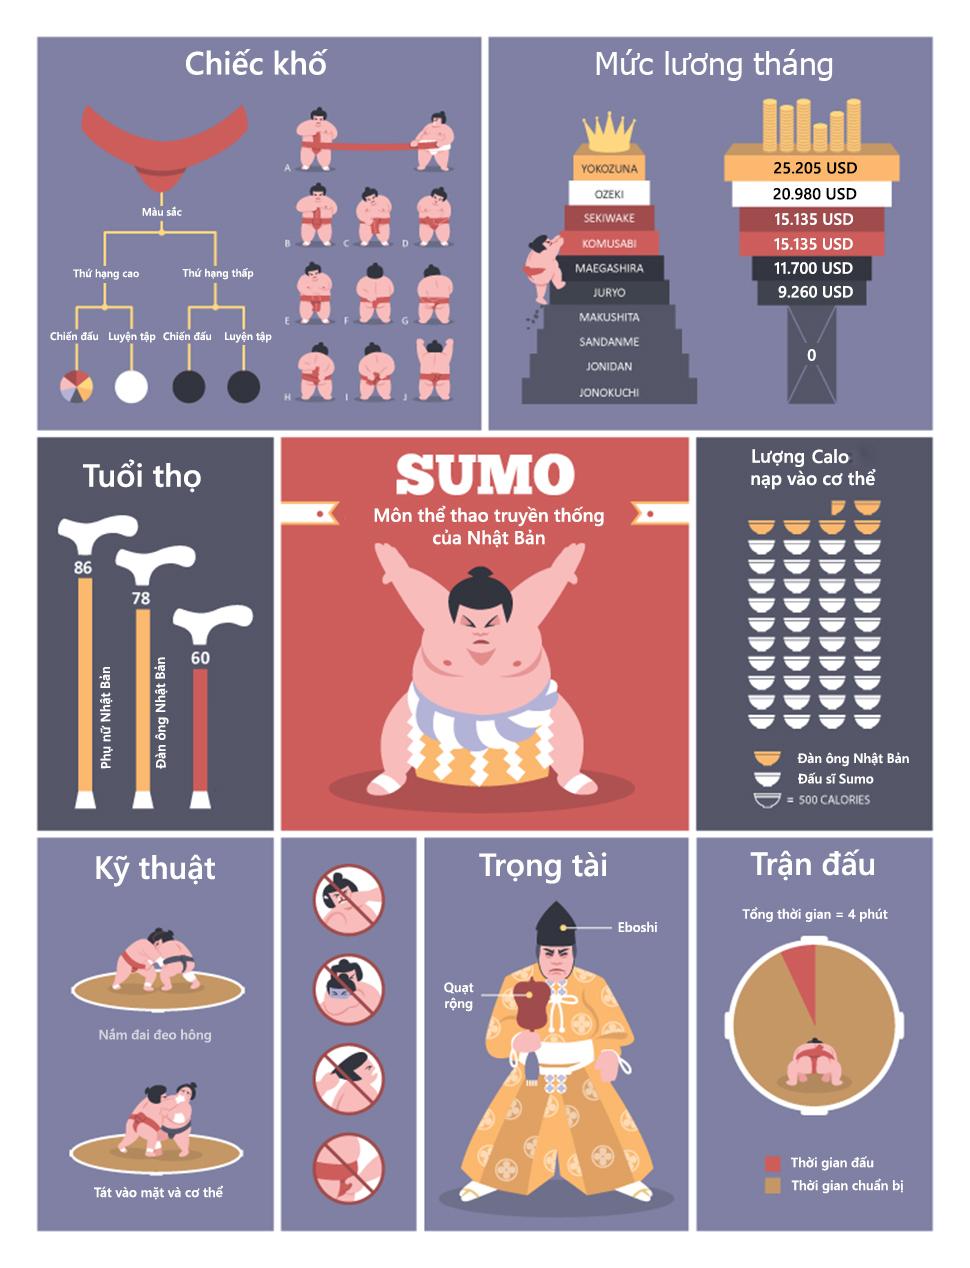 Bí mật của các võ sĩ sumo Nhật Bản